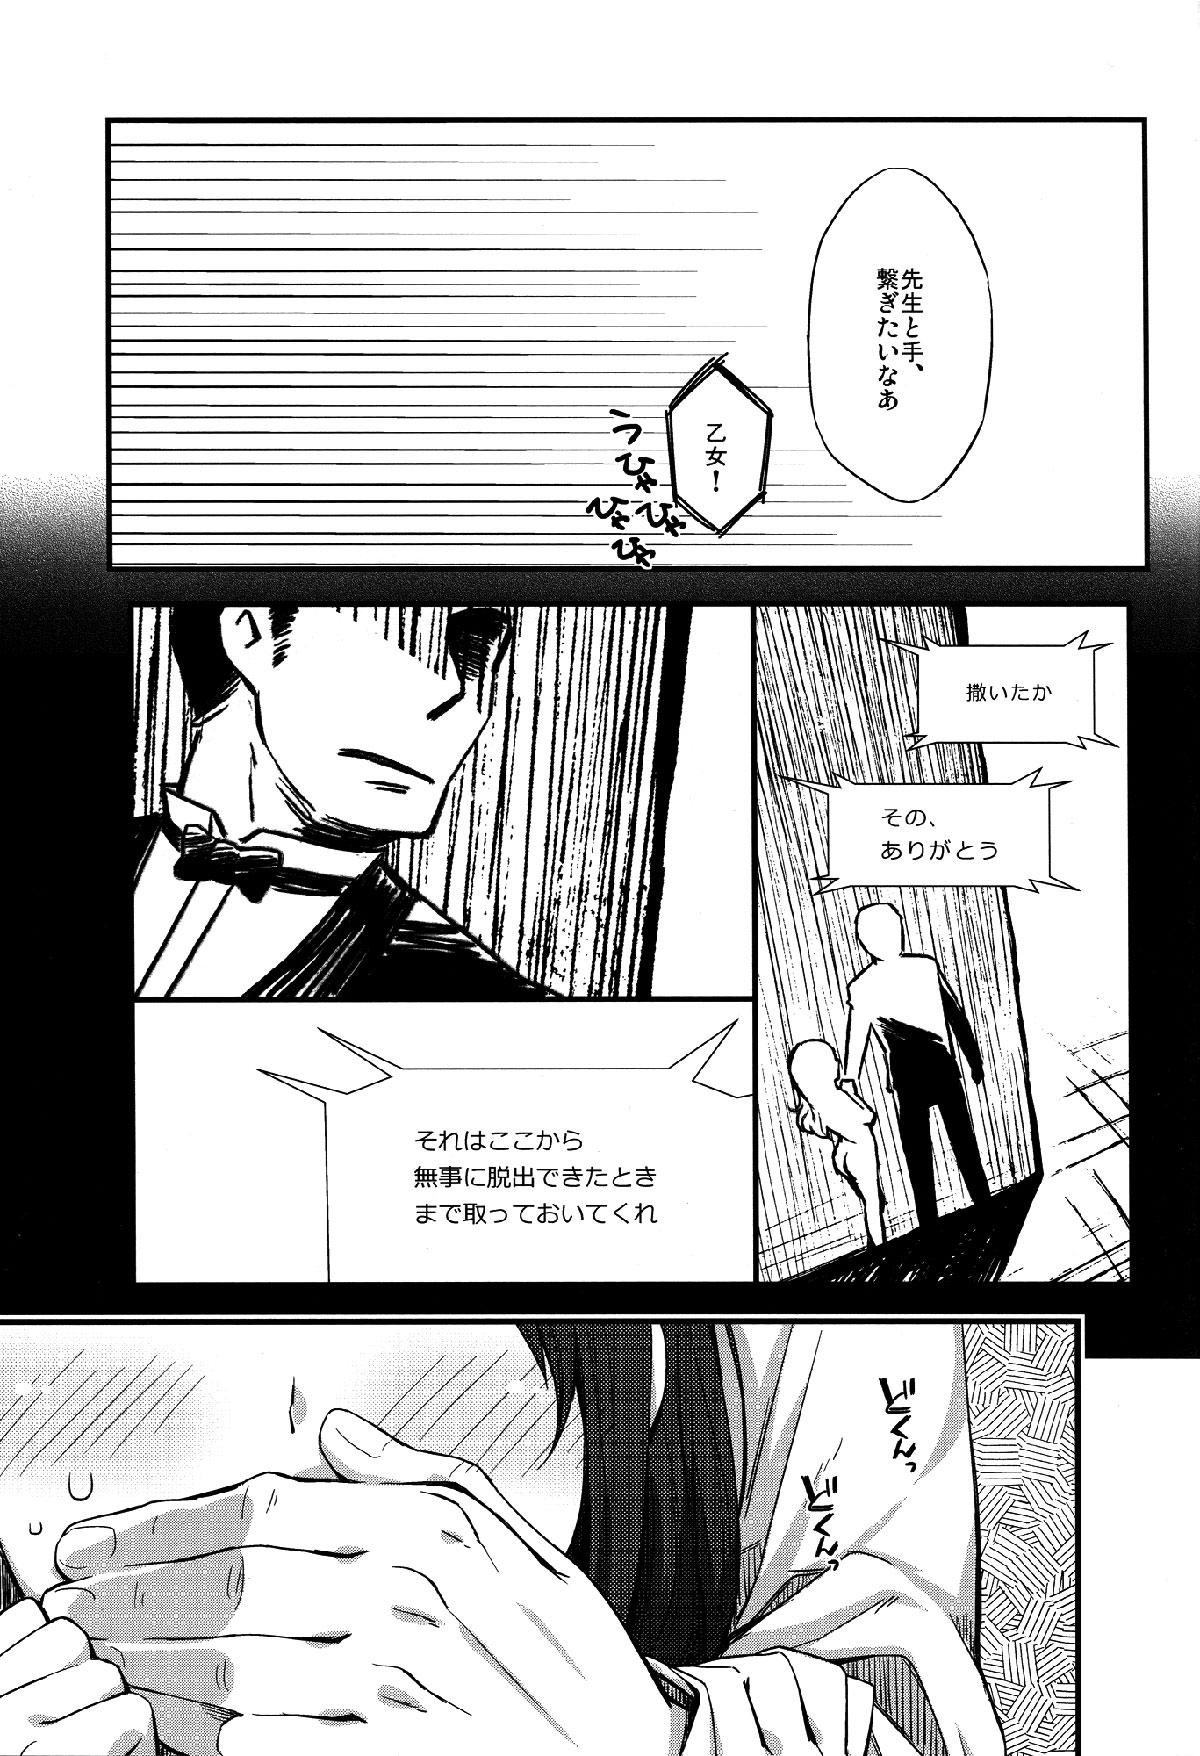 周りに内緒で先生と付き合っている黒髪ロングのJKwww宿直室でいちゃらぶセックスwww【エロ漫画・エロ同人】 (8)